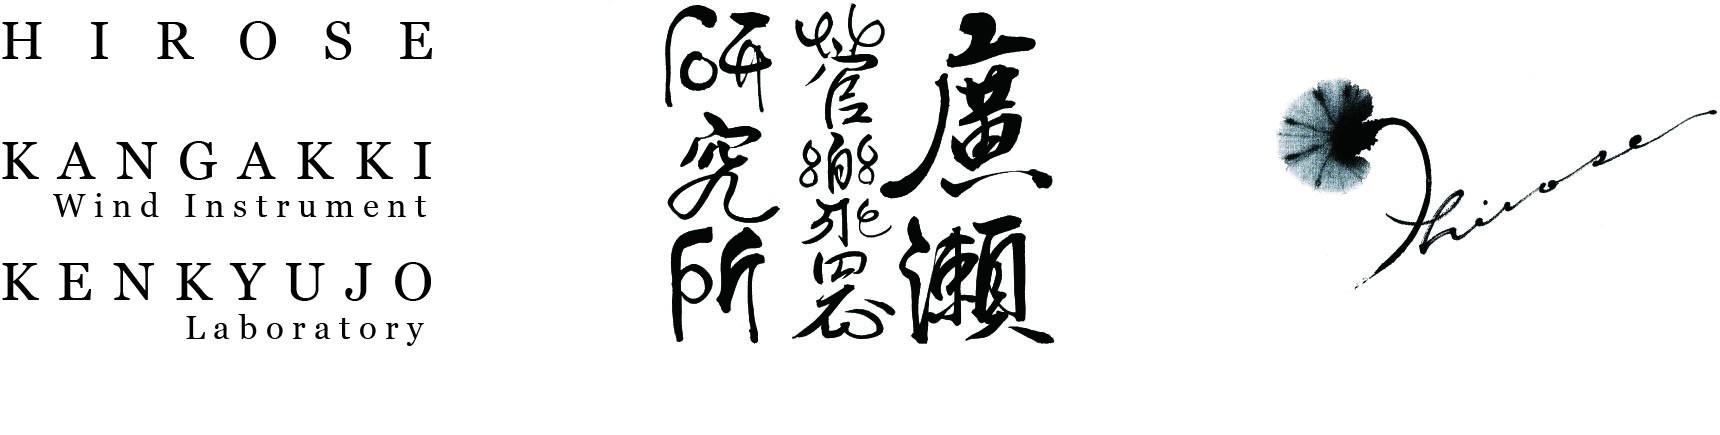 廣瀬管楽器研究所 Online Shop